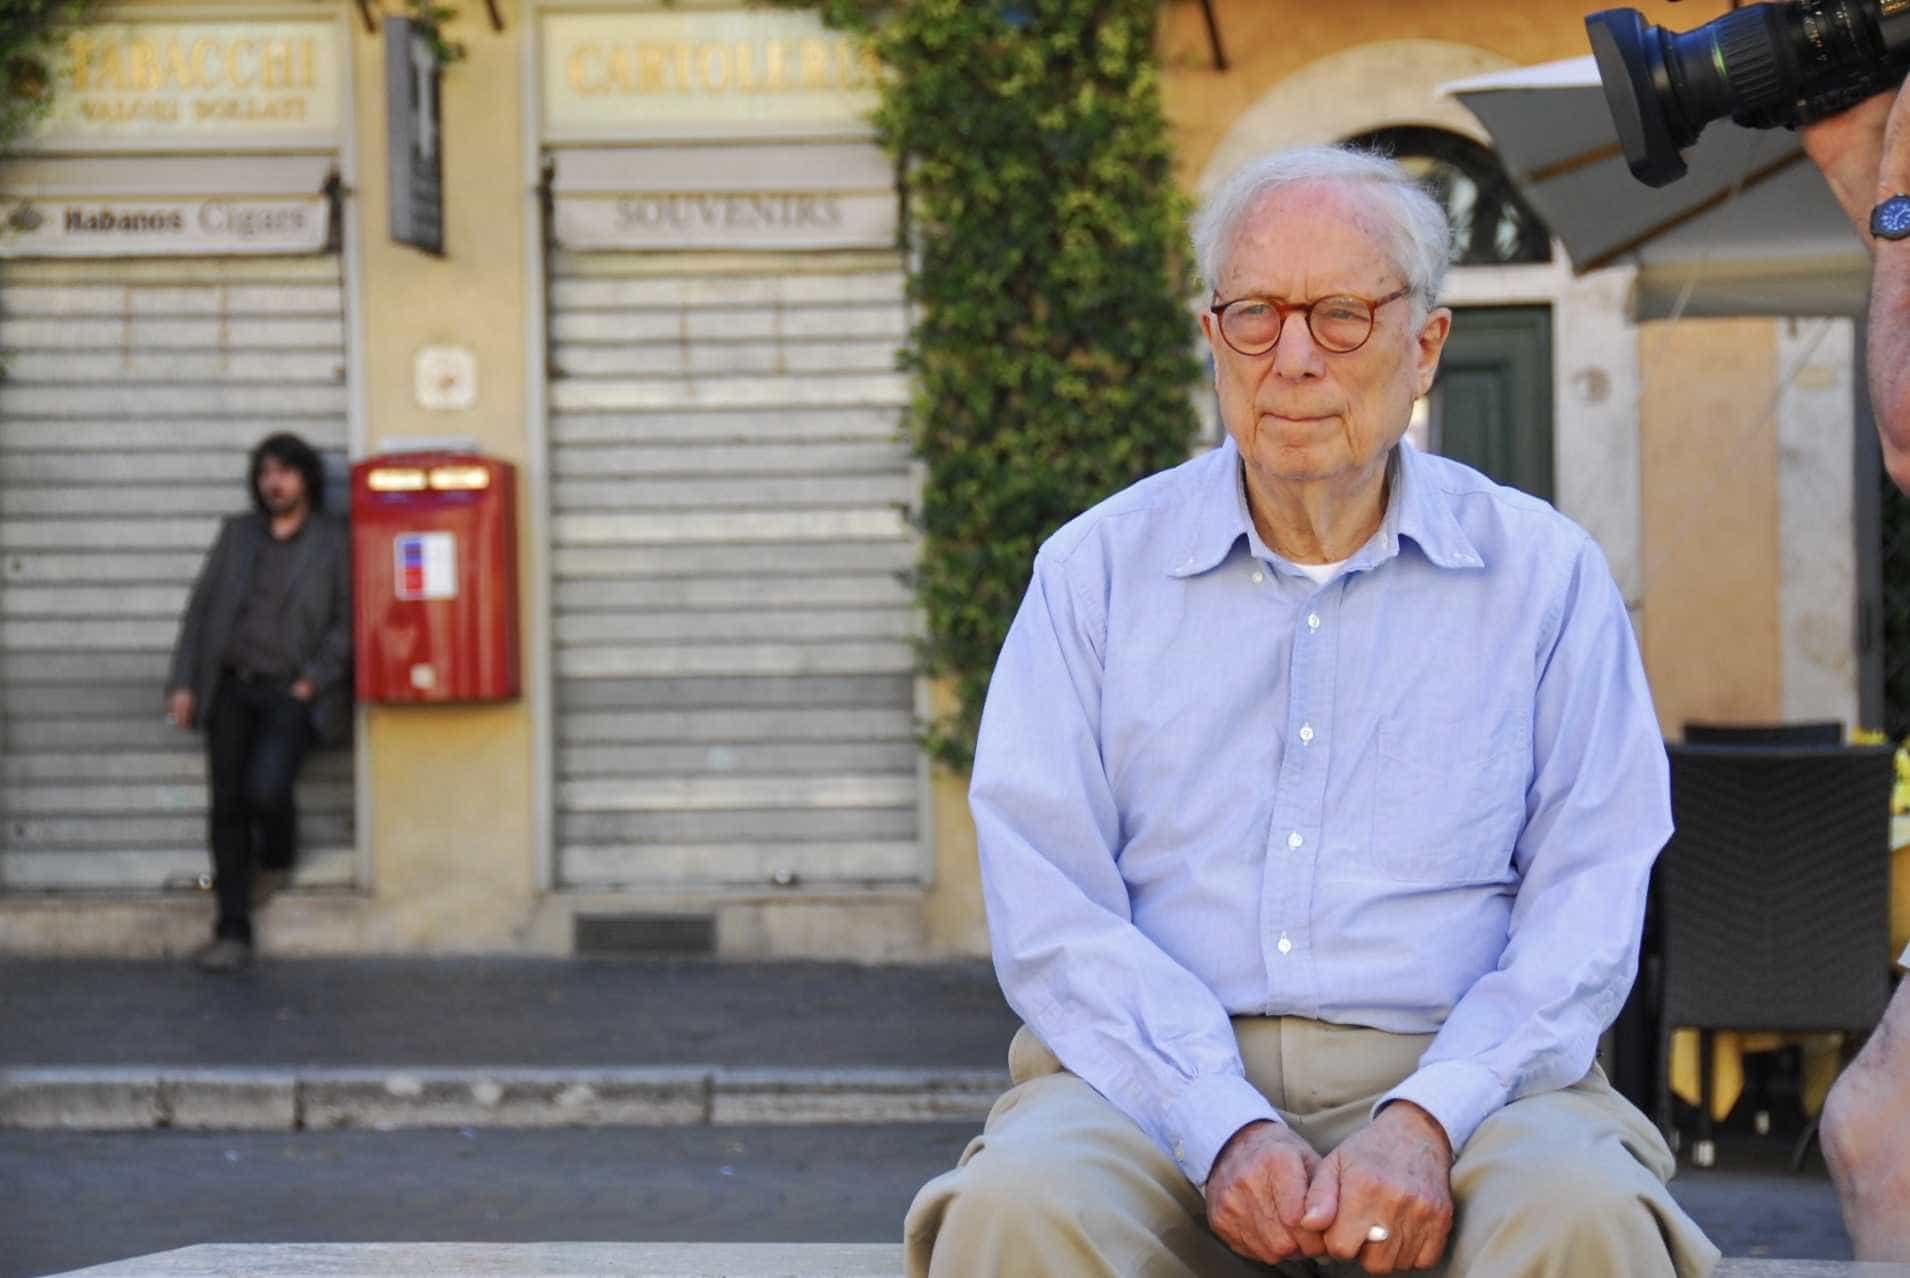 Arquiteto que rejeitou o modernismo, Robert Venturi morre aos 93 anos